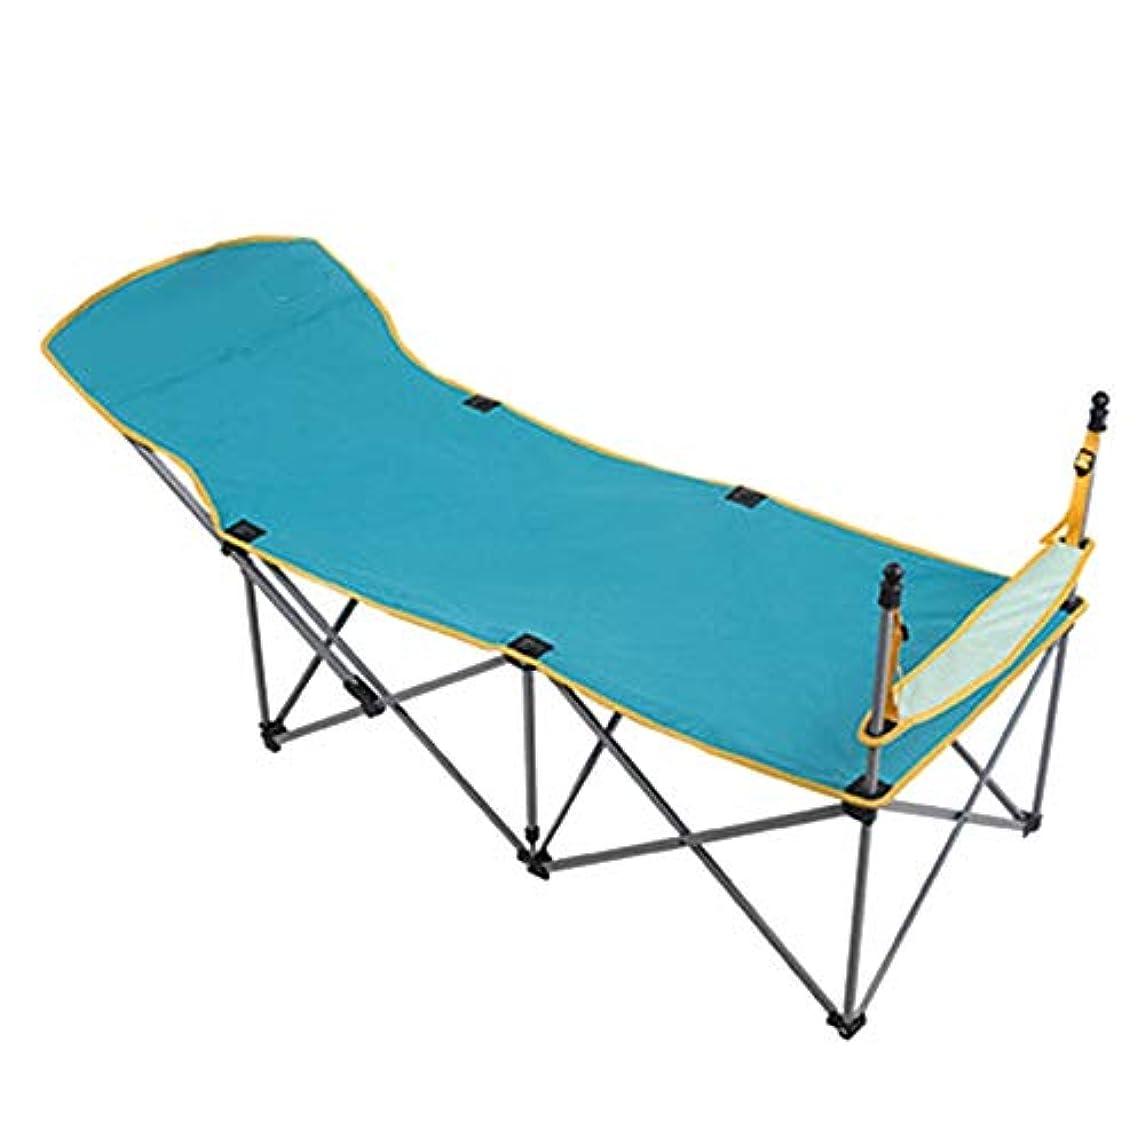 デイジー破壊的ラベンダー屋外ポータブル折りたたみベッドシングルオフィス仮眠ベッドプログレッシブベッドシンプルベッドレジャー (Color : Blue)